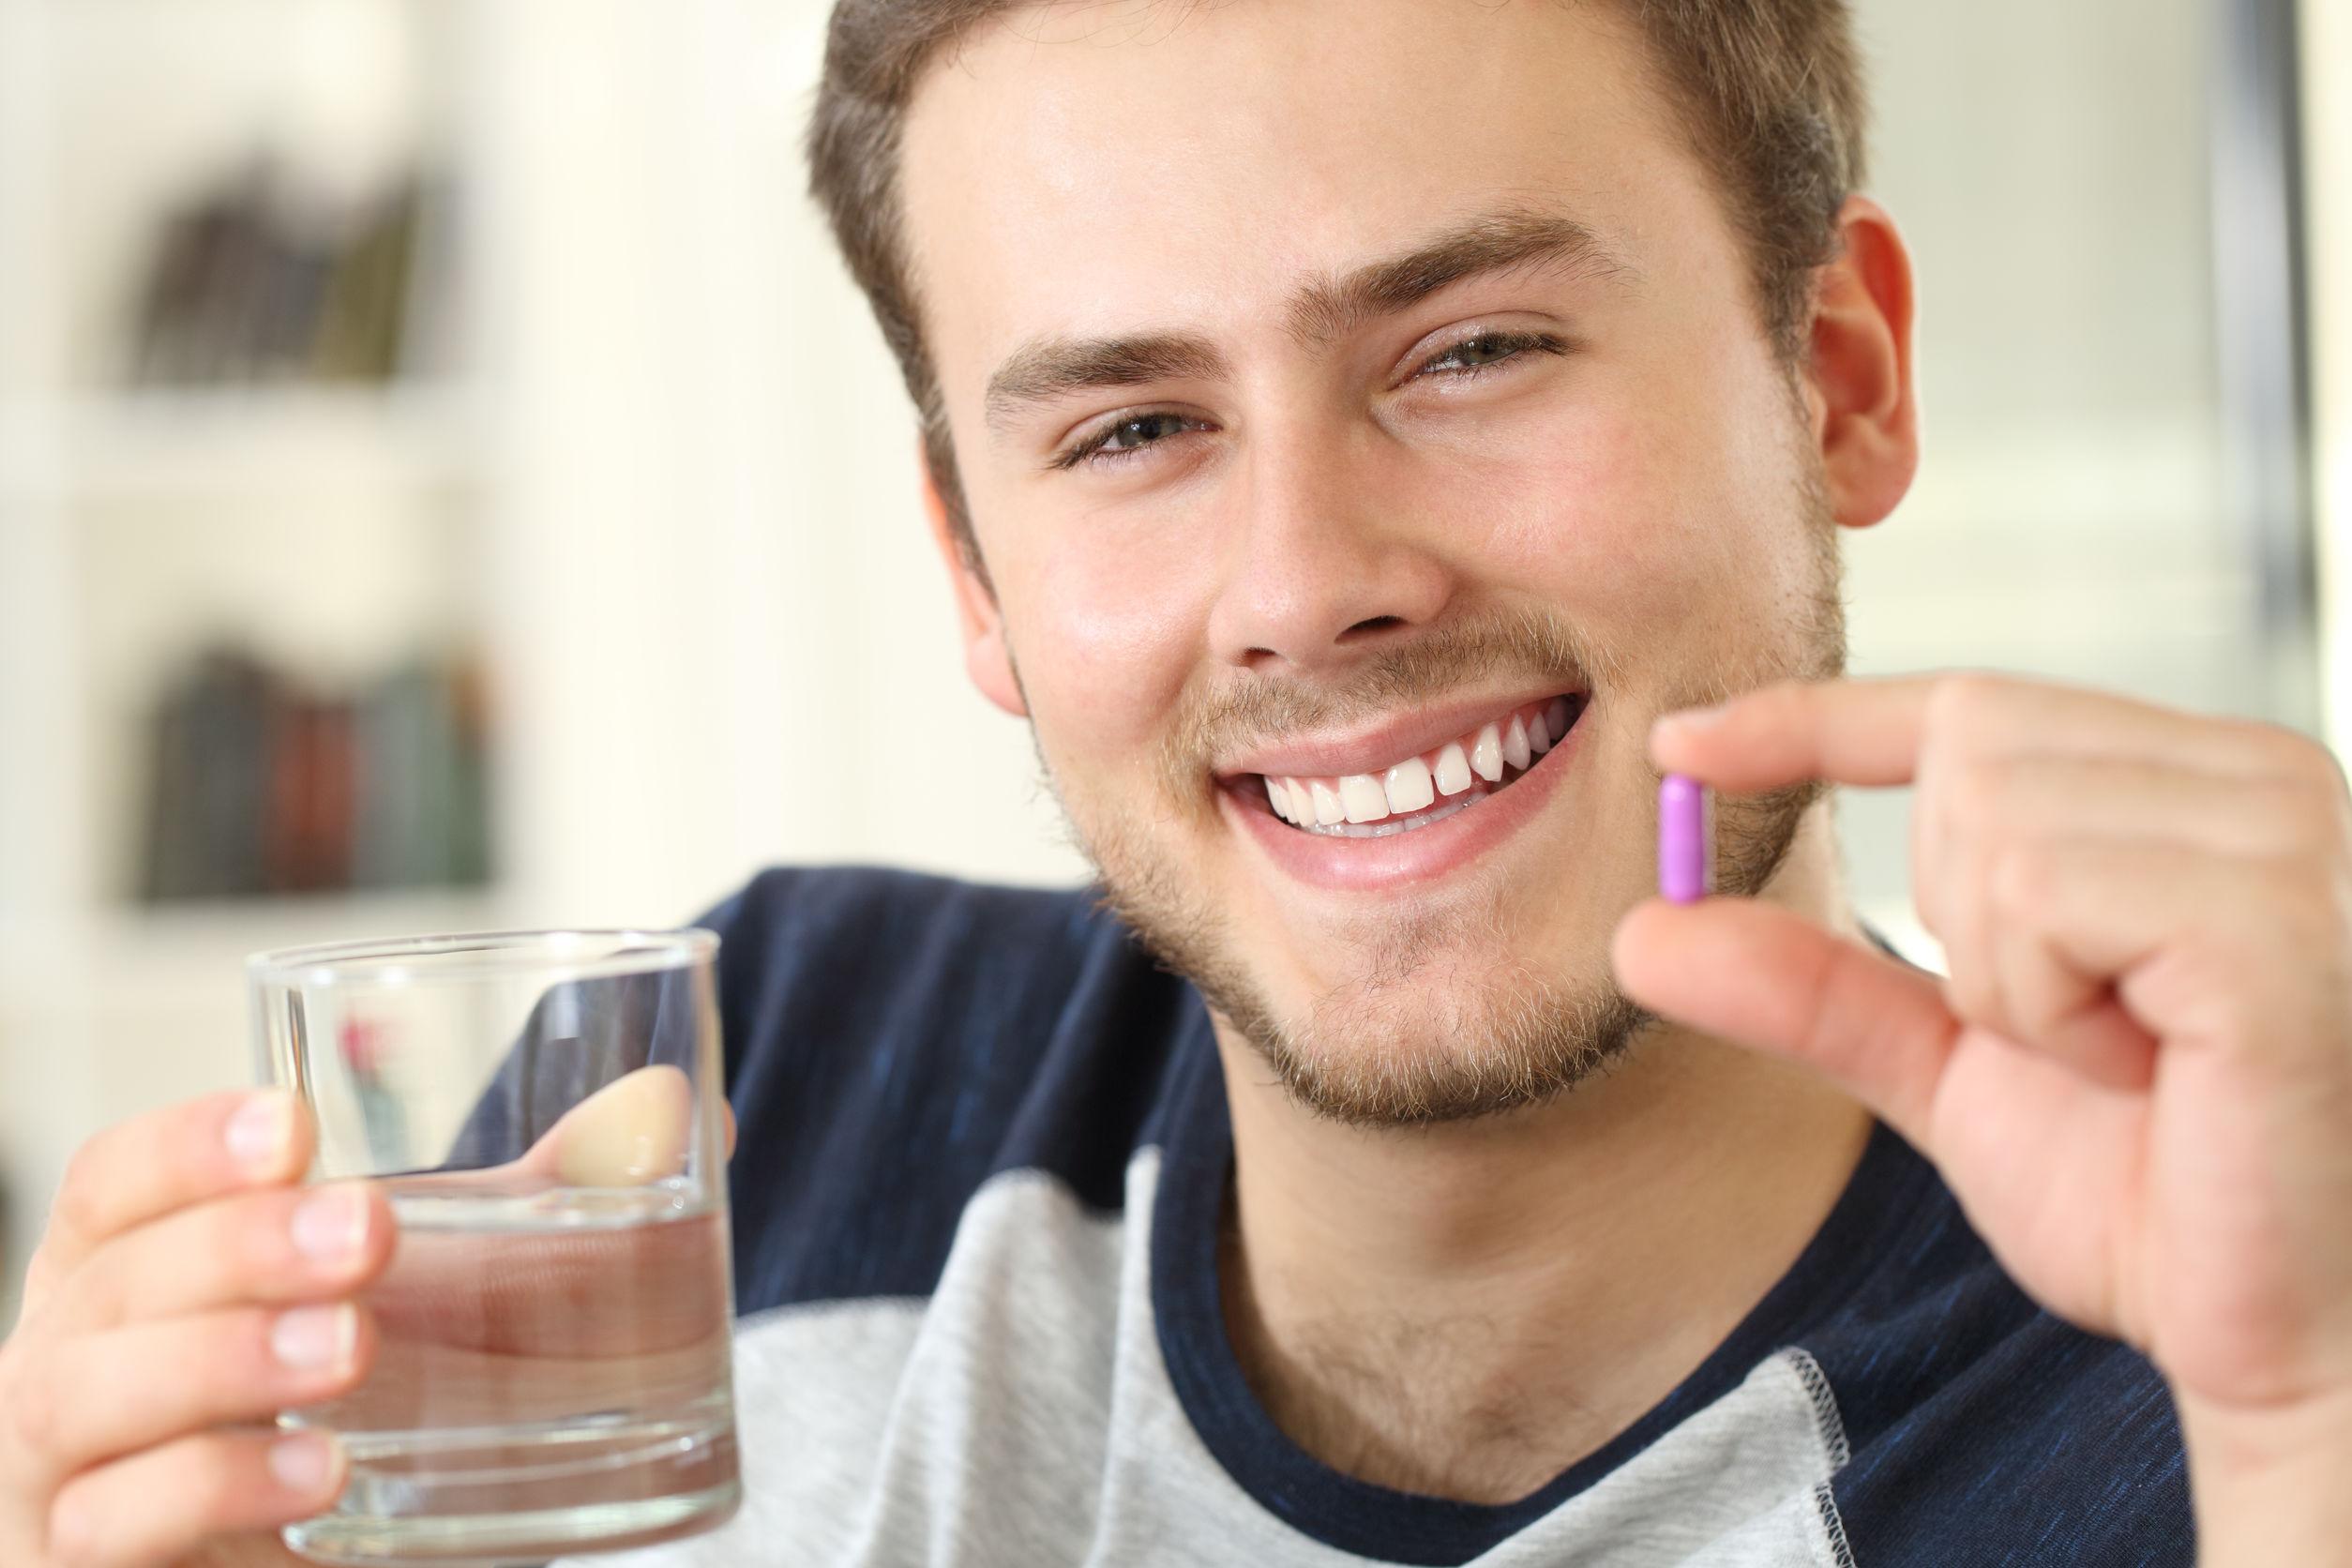 Probiotikum: Test, Wirkung, Anwendung & Studien (04/21)